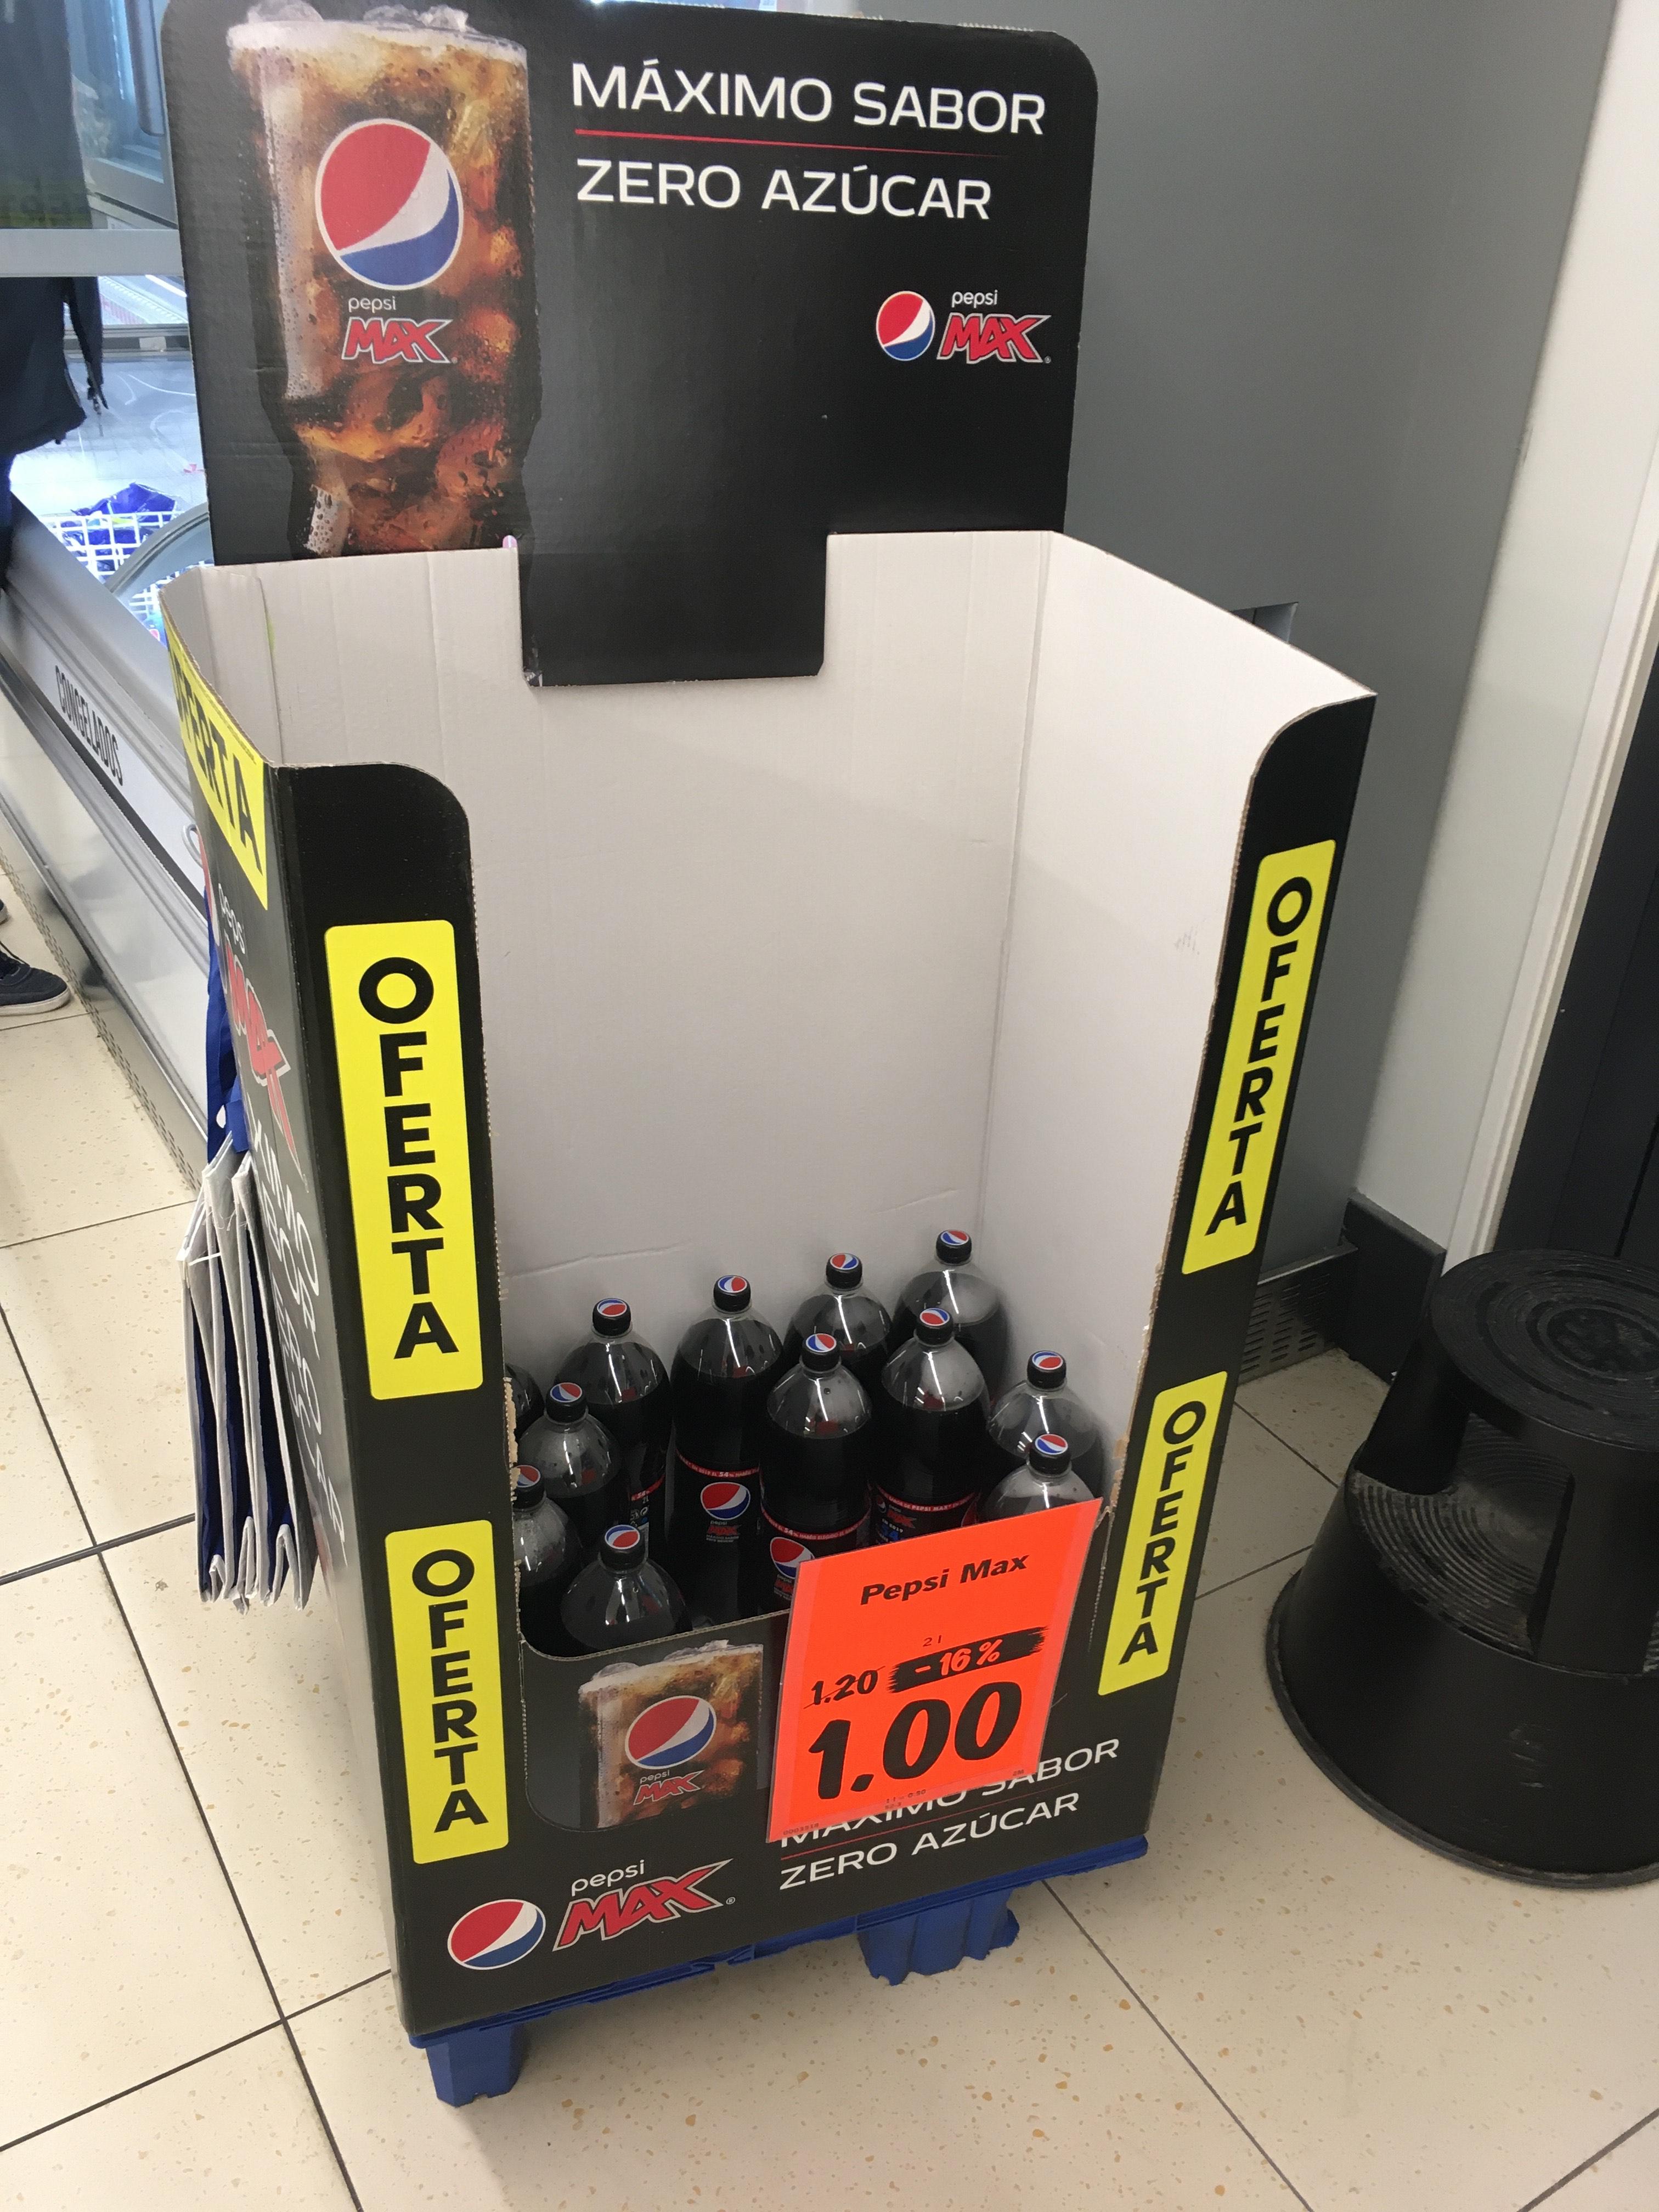 Pepsi Max 2L a 1€ Lidl Malaga